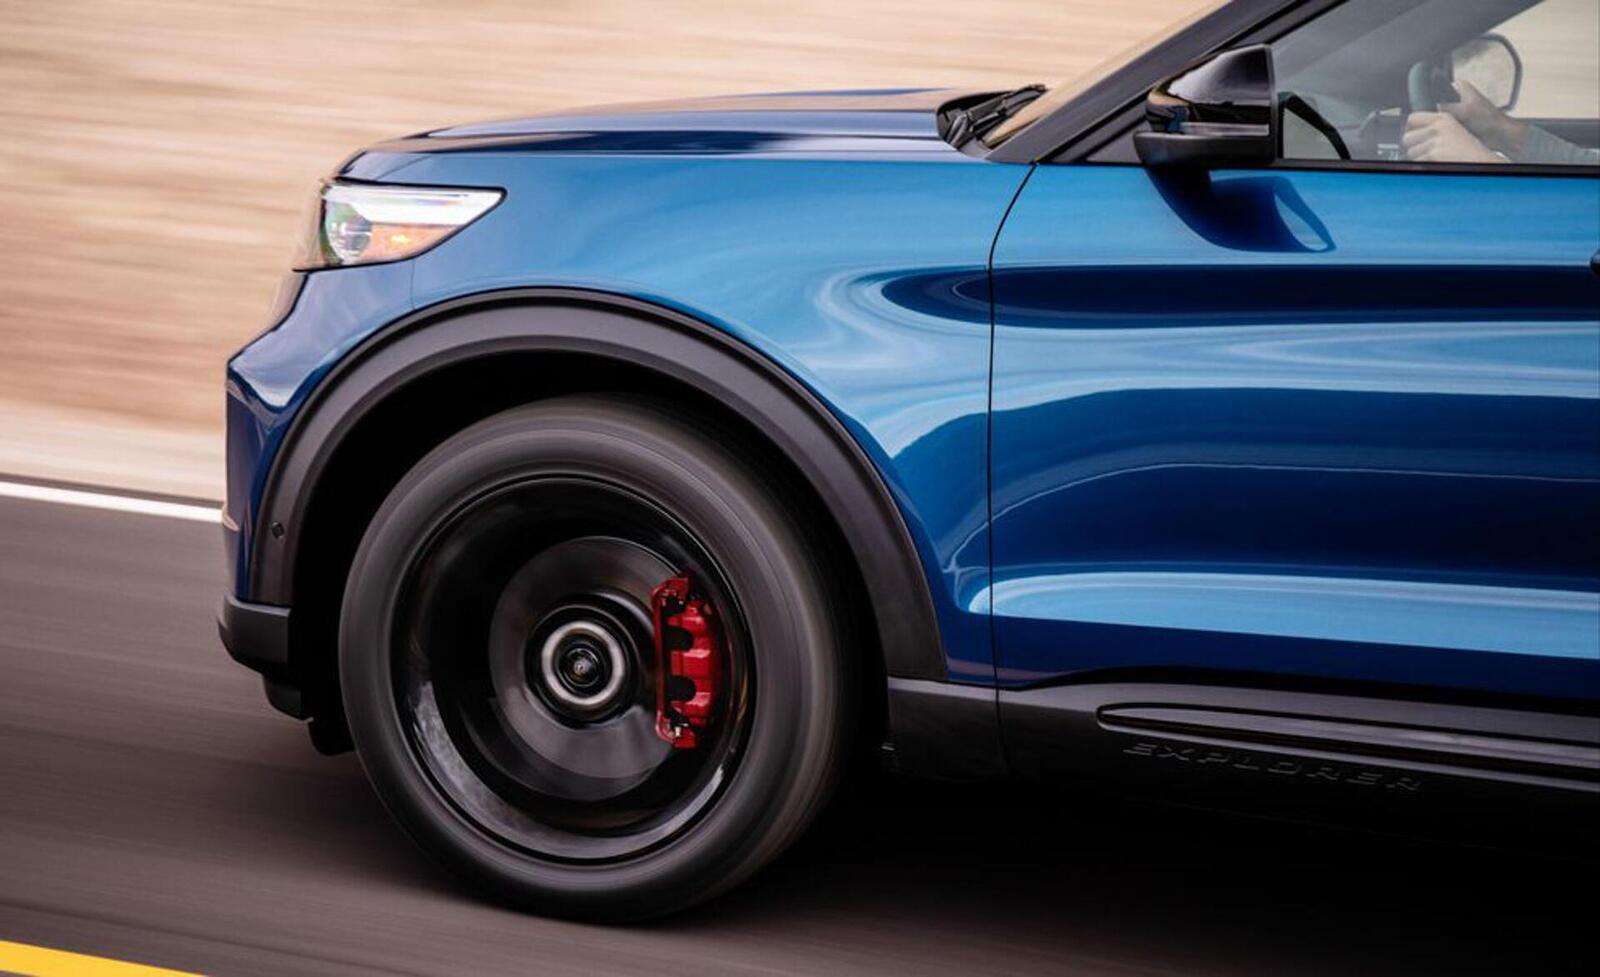 Ford giới thiệu Explorer ST 2020: Phiên bản mạnh nhất lắp máy V6 3.0L tăng áp 400 mã lực - Hình 25